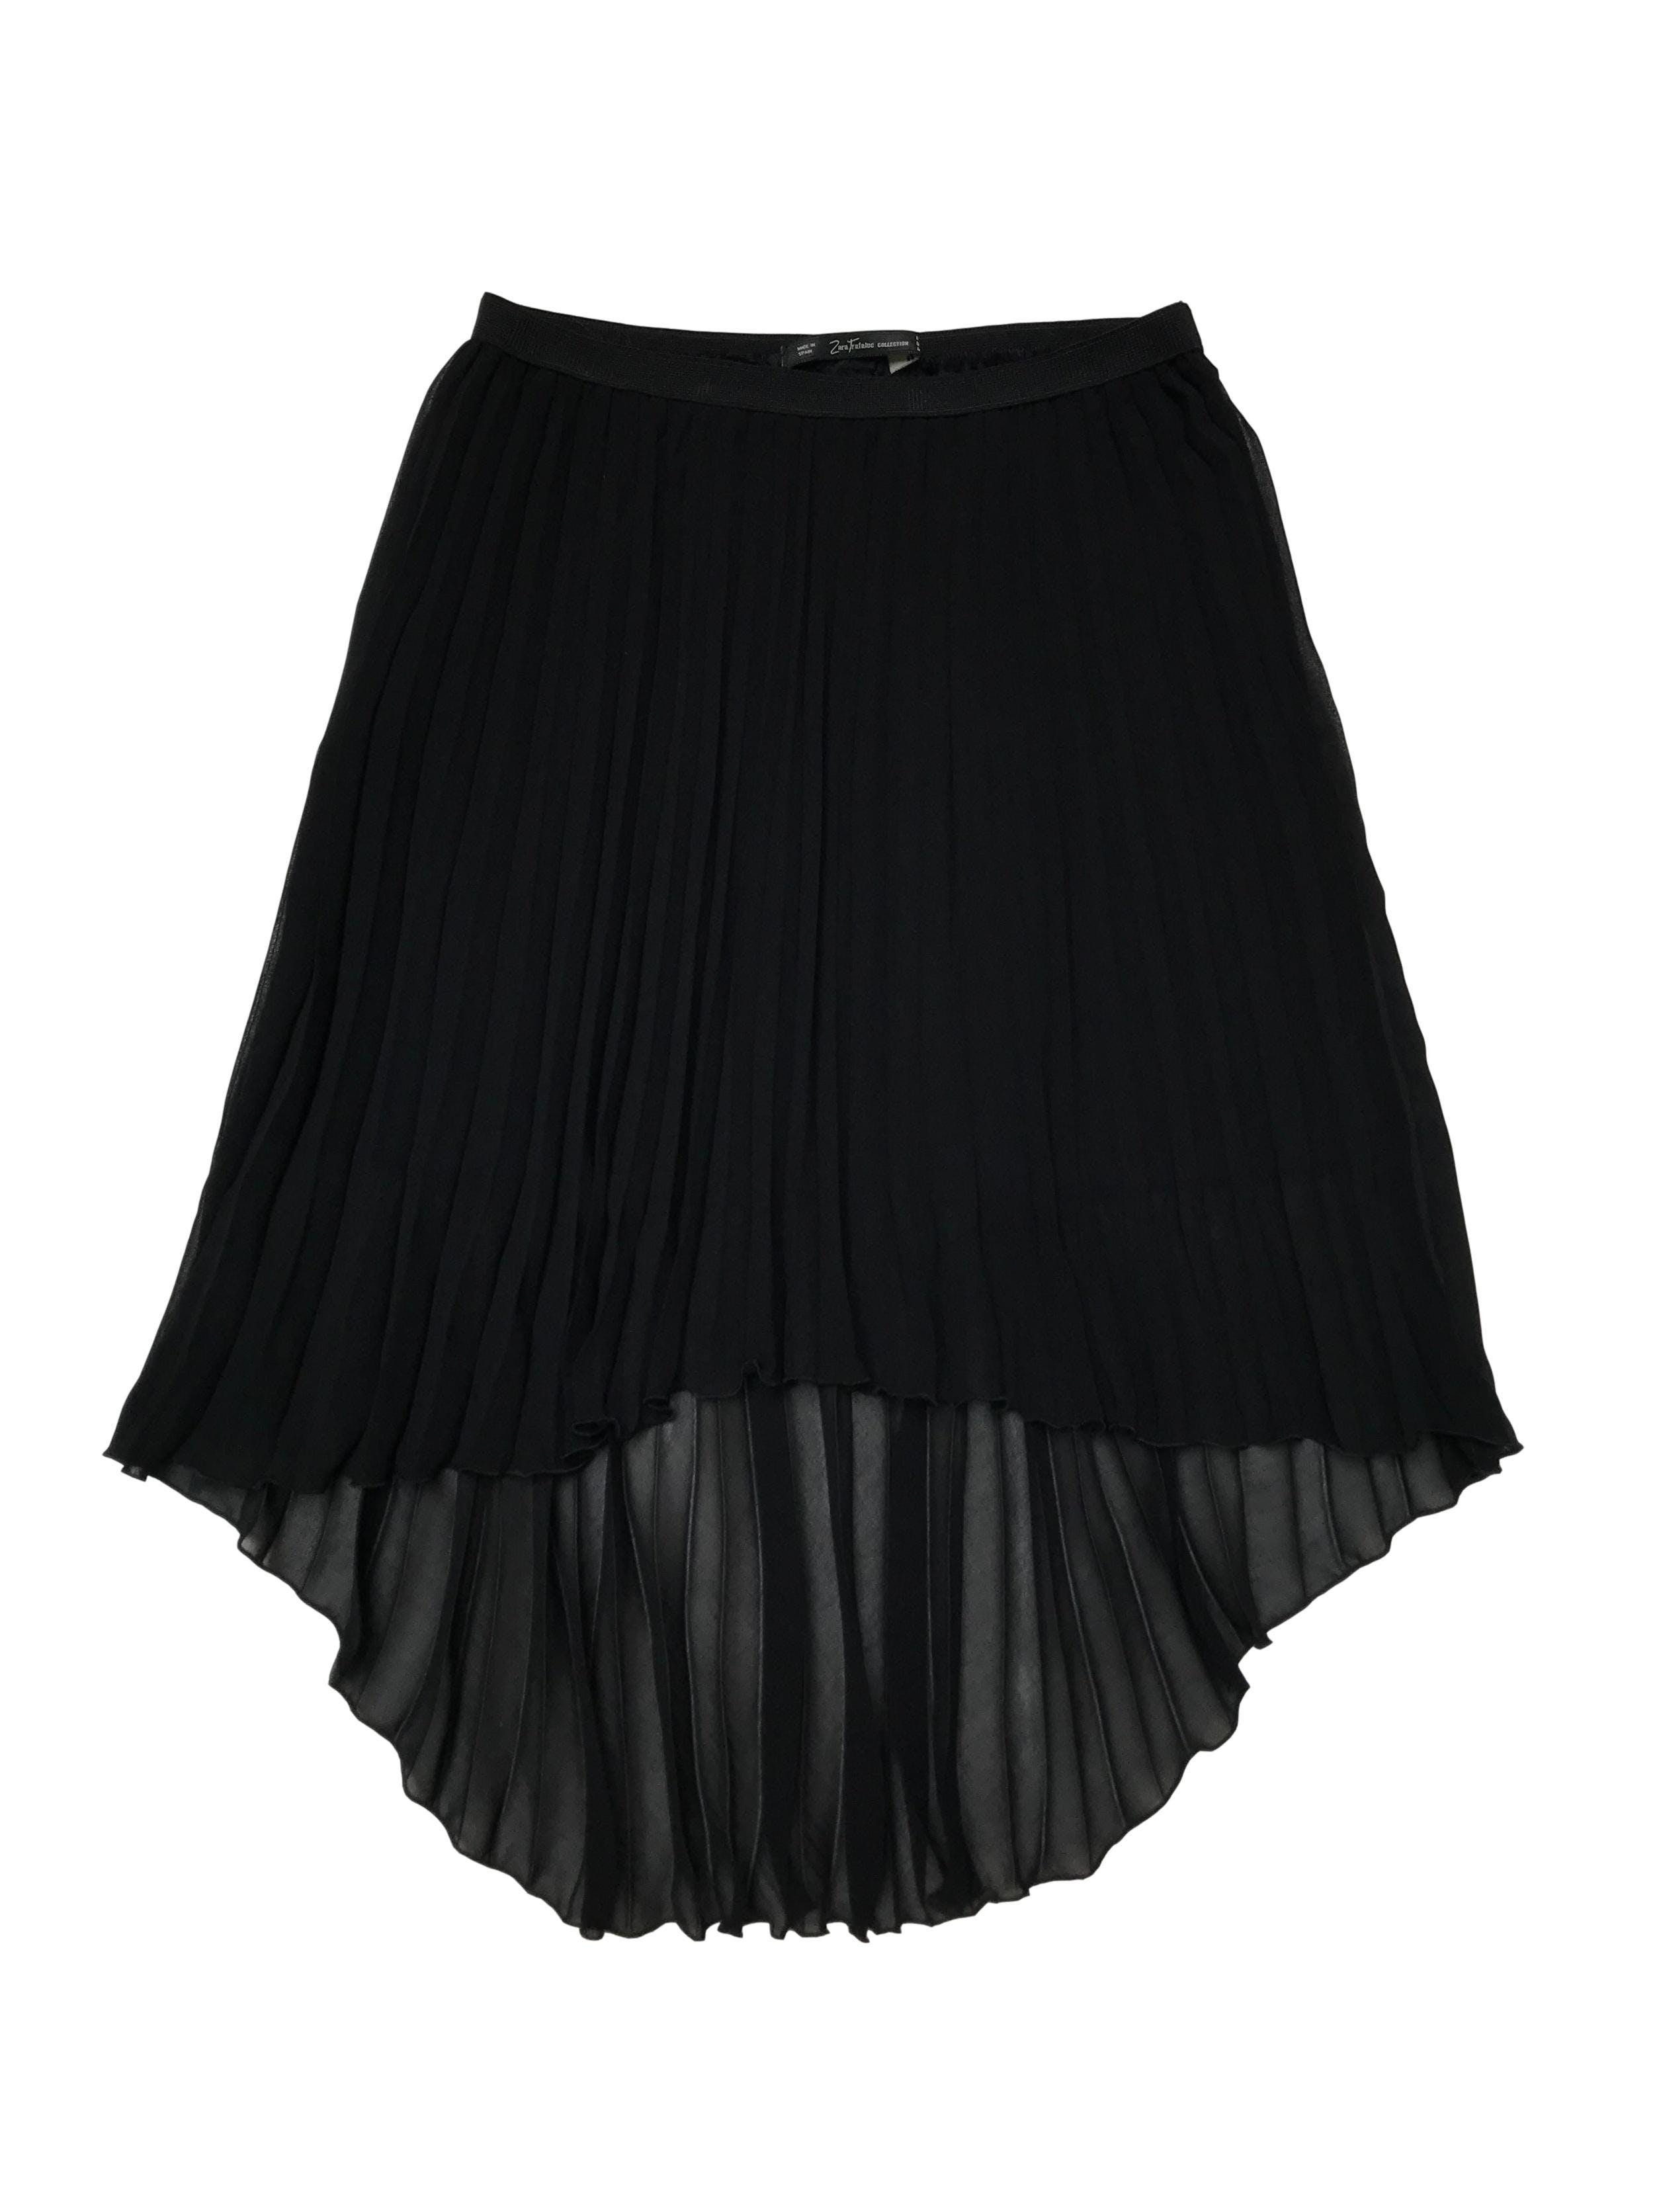 Falda asimétrica Zara negra plisada, tiene forro corto y pretina elástica. Largo 45 - 65cm. Precio original S/ 129